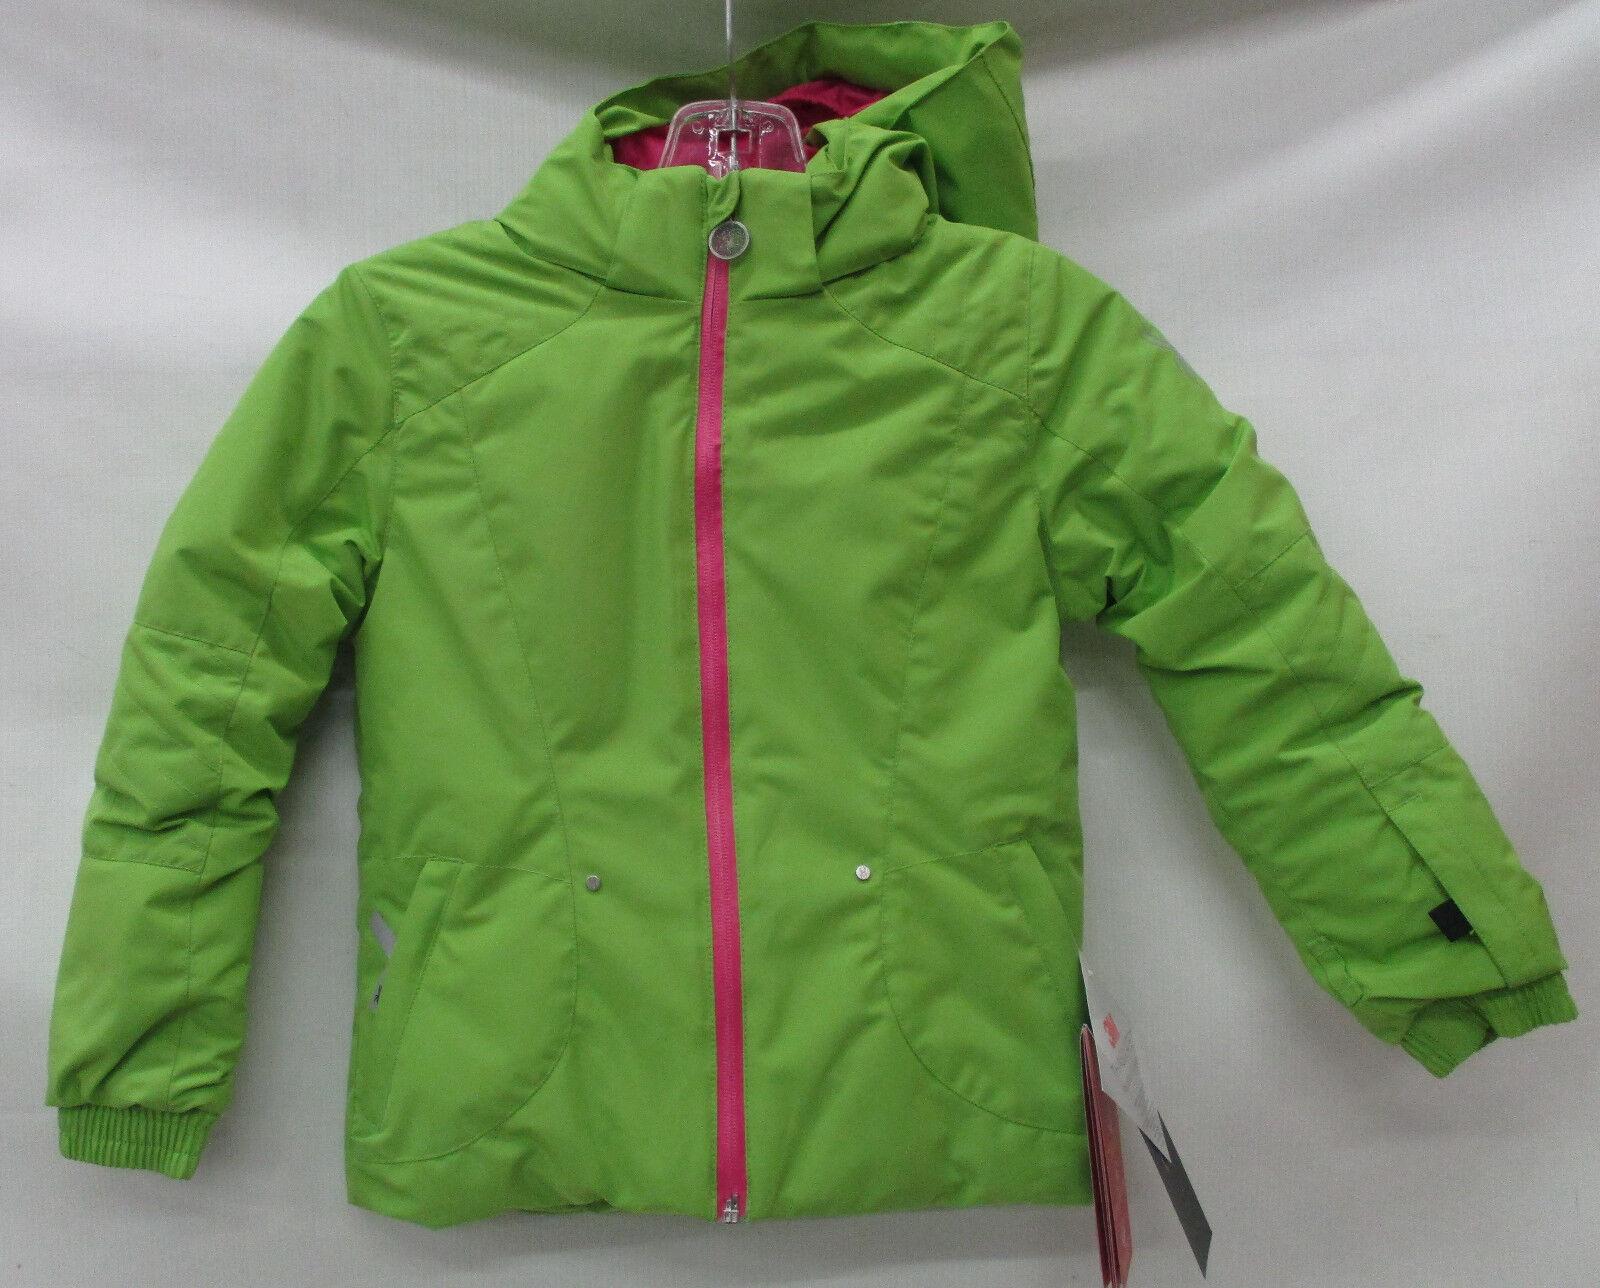 Chaqueta de esquí con aislamiento Bitsy Glam para niñas Spyder 239063 Tamaño fresco 3